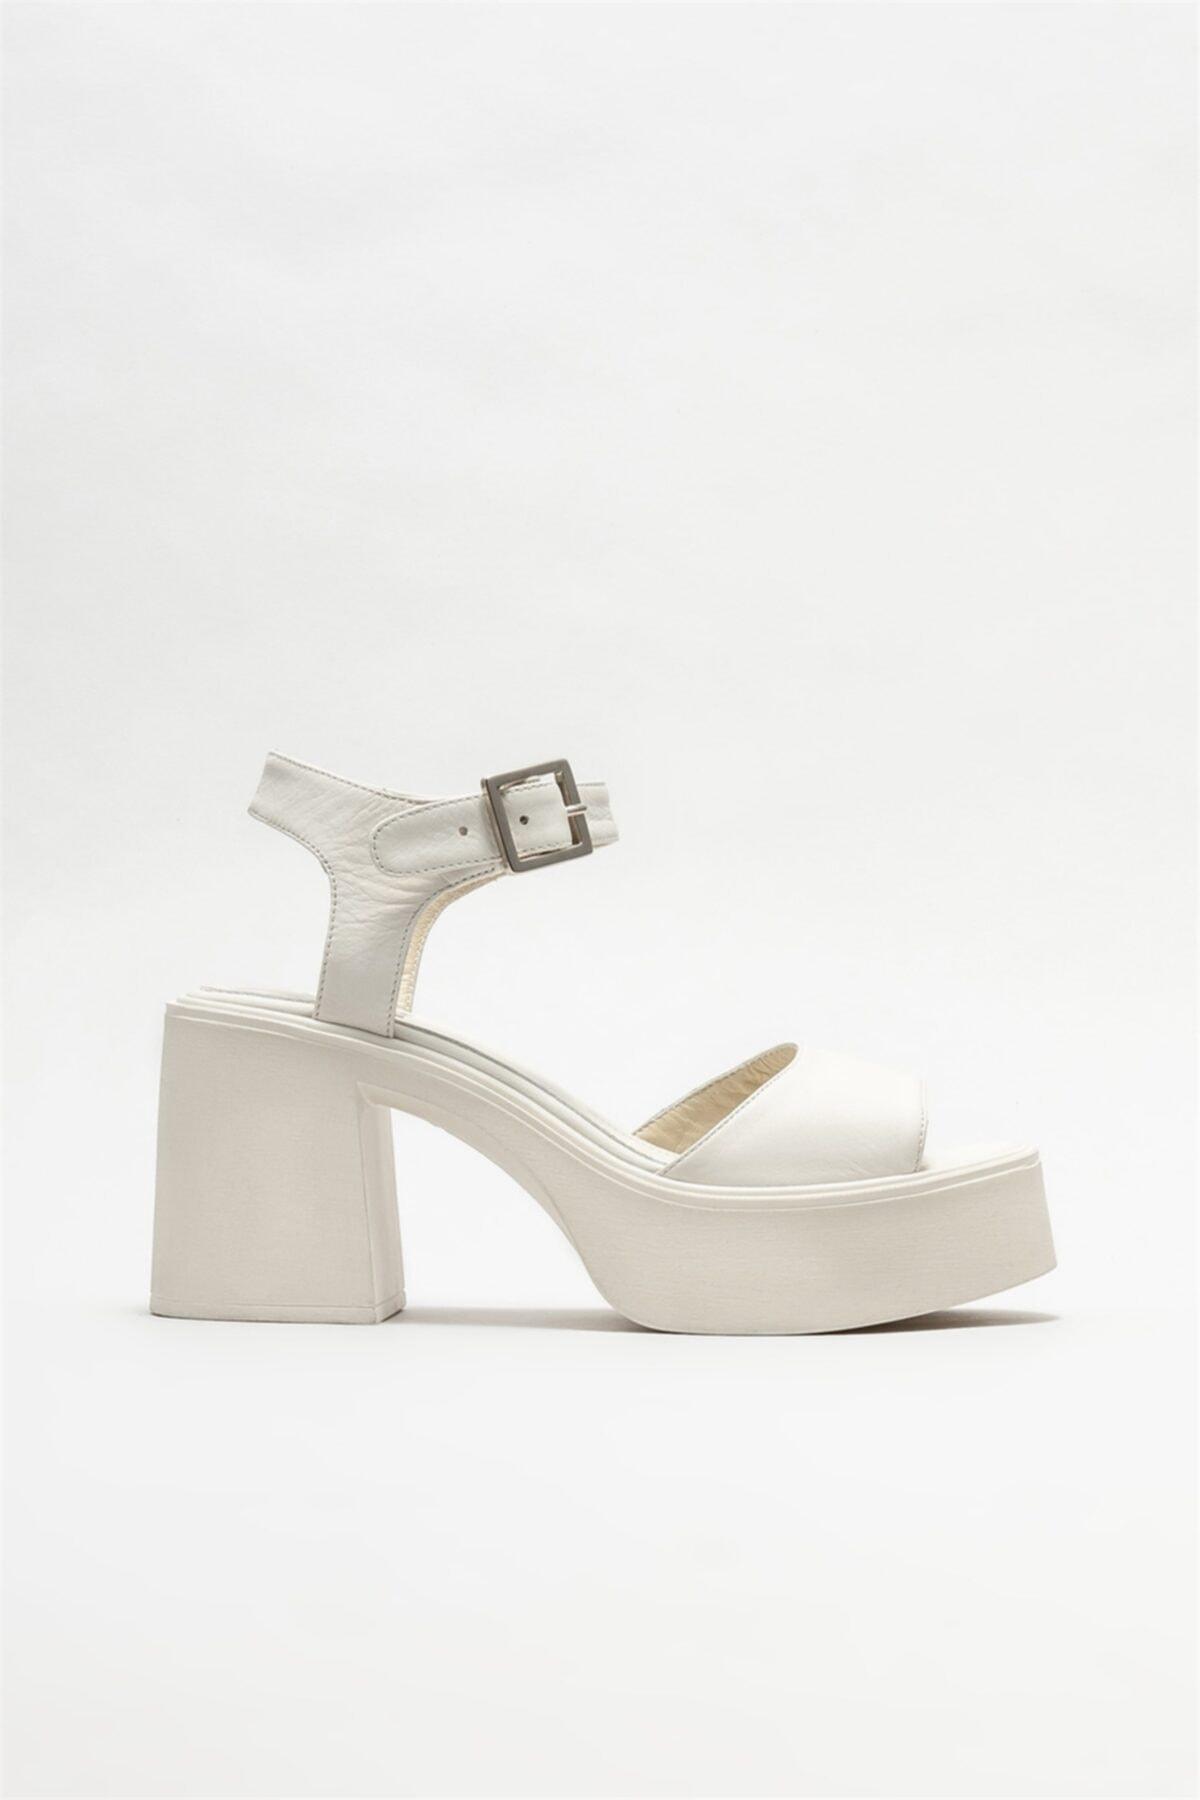 Kadın Bej Deri Topuklu Sandalet